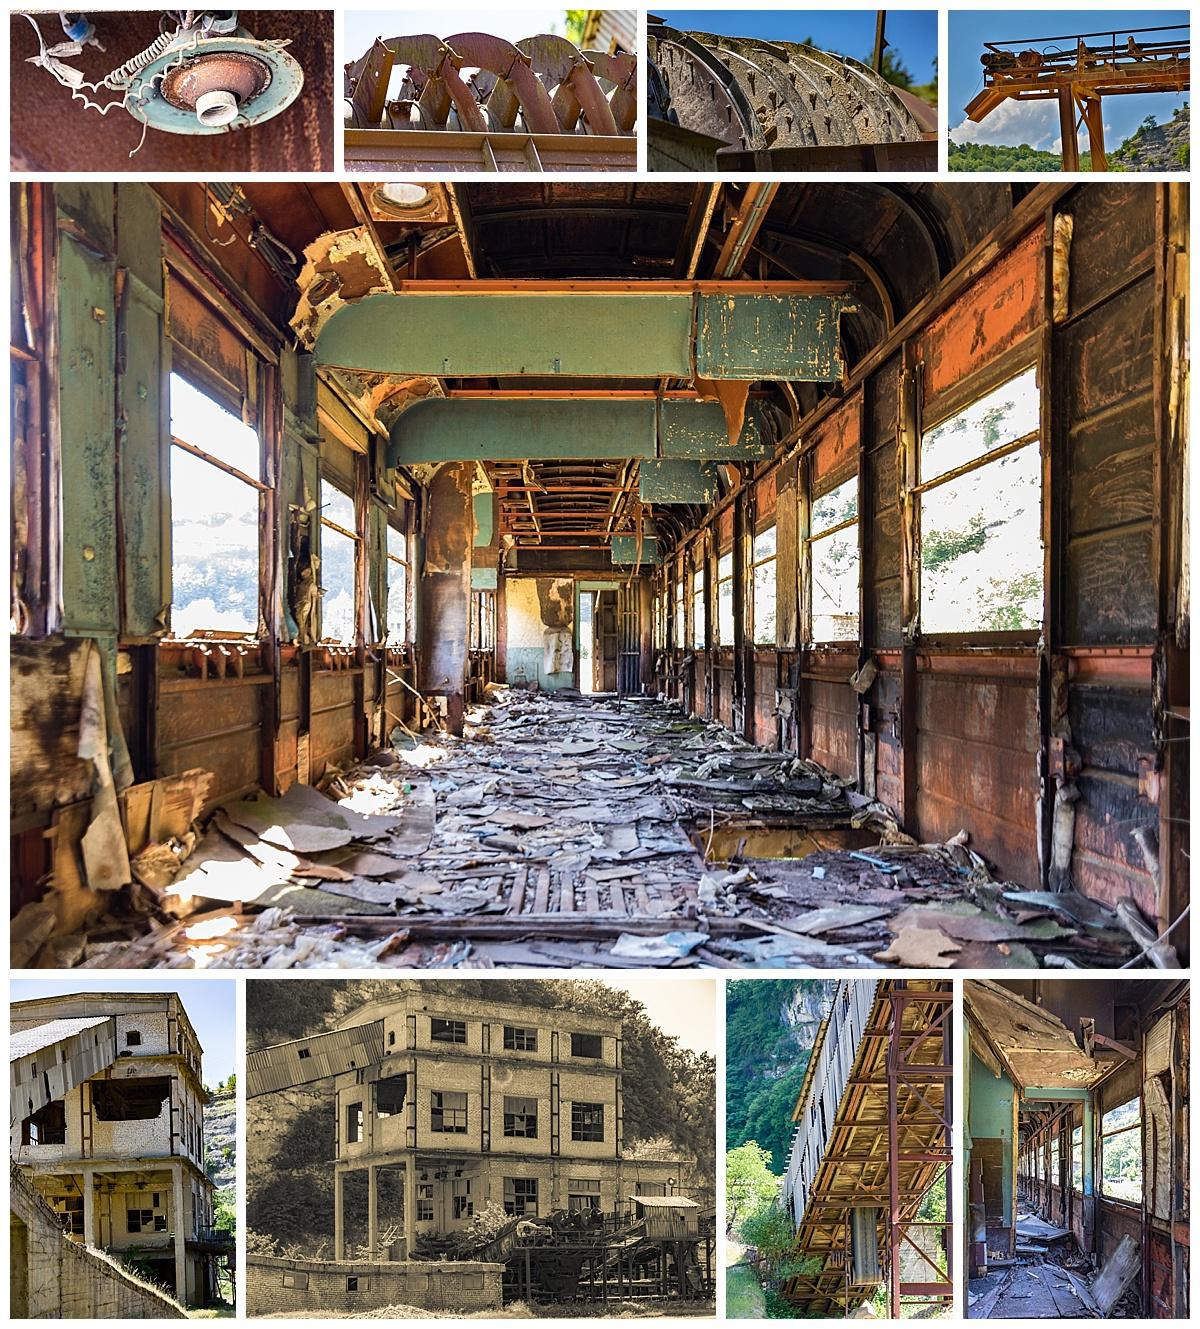 Kutasi, Georgia - urban decay